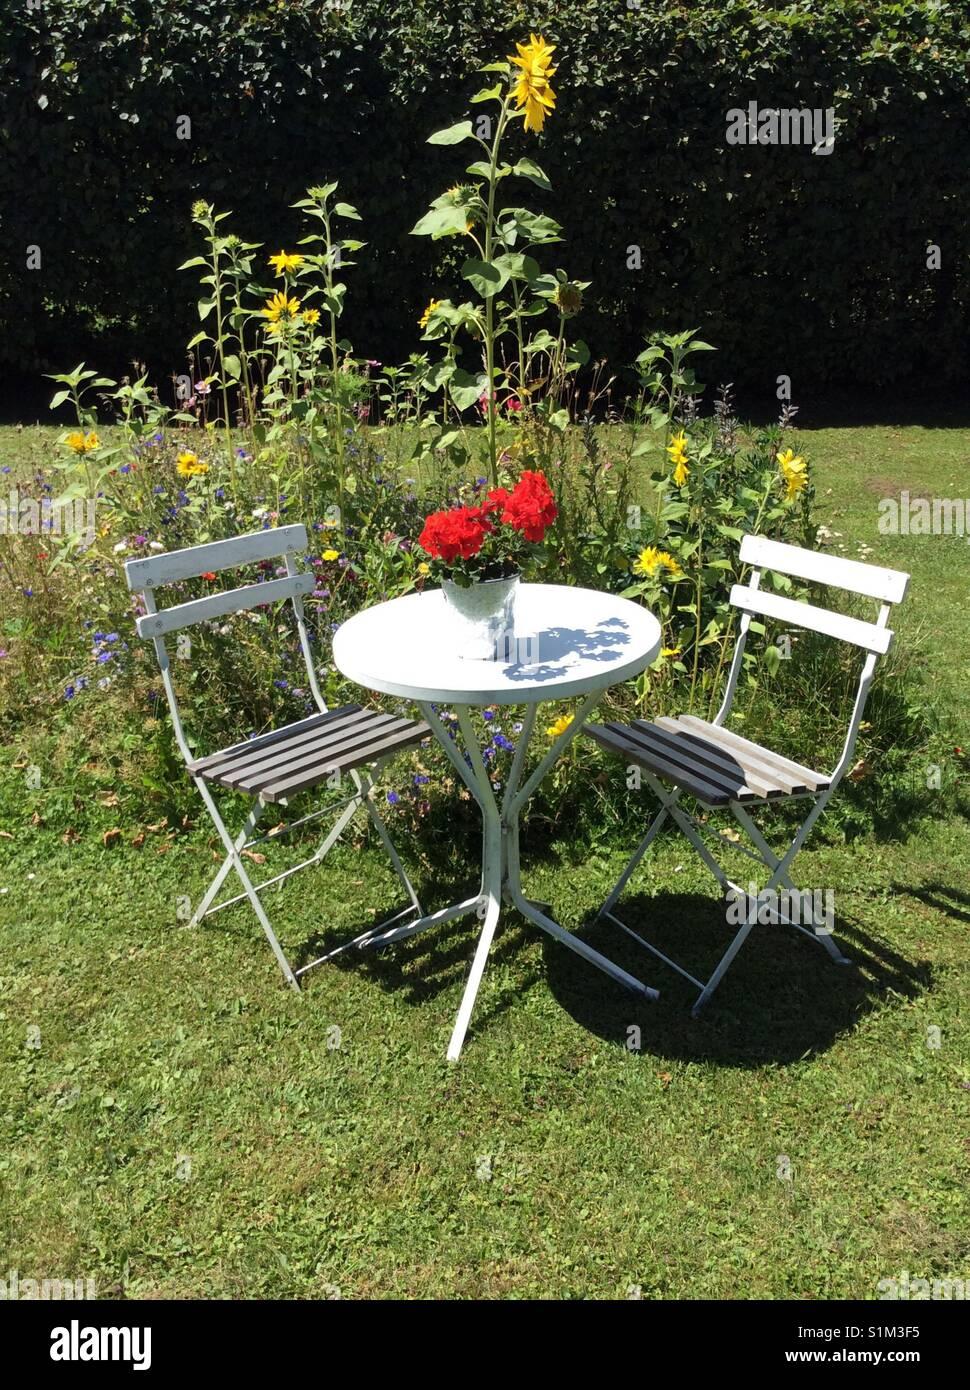 Vintage Garden Furniture Stockfotos und  bilder Kaufen   Alamy